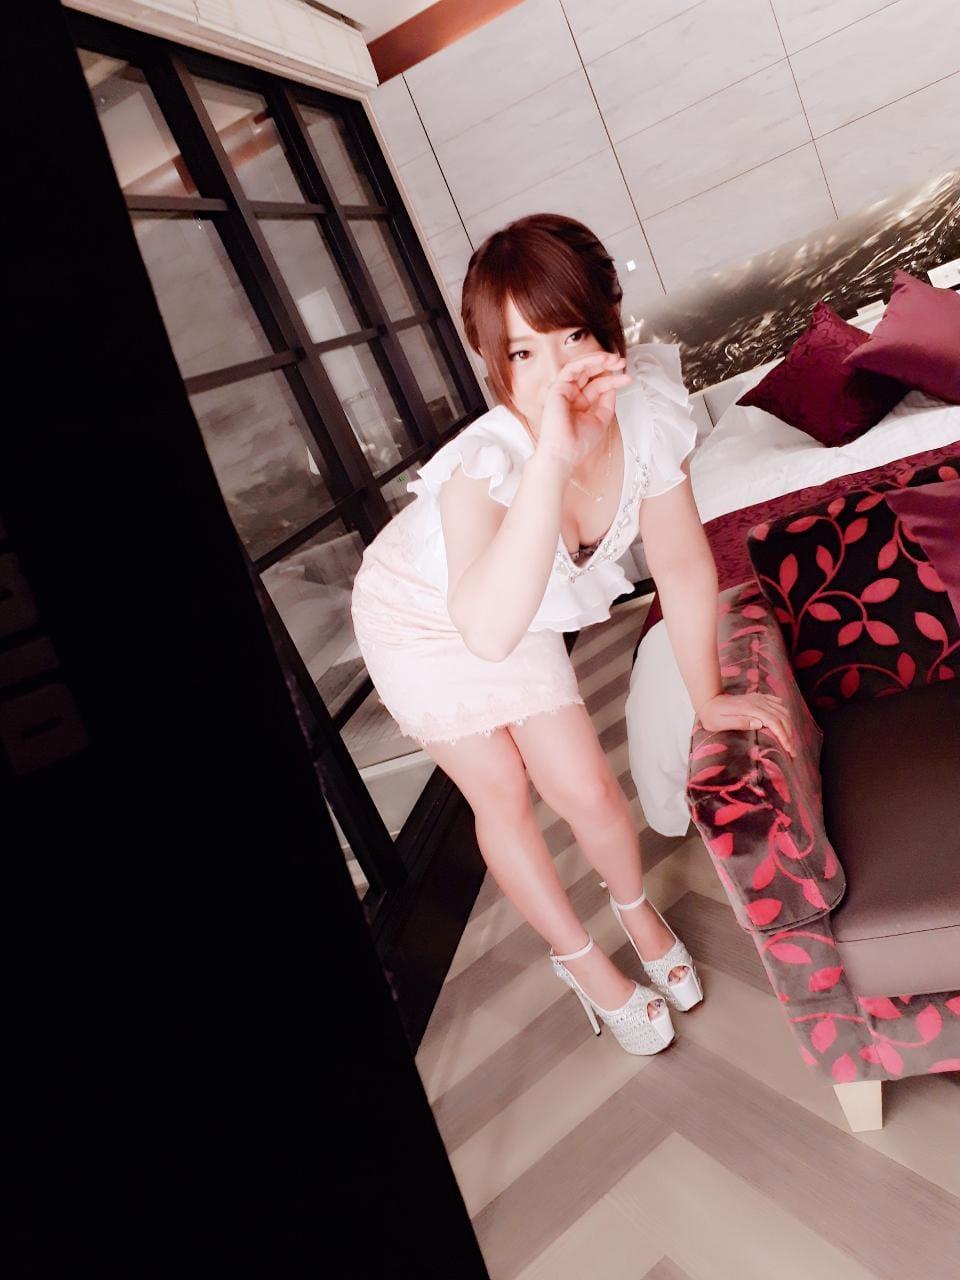 「☆退勤☆」10/22(月) 04:30 | すずの写メ・風俗動画